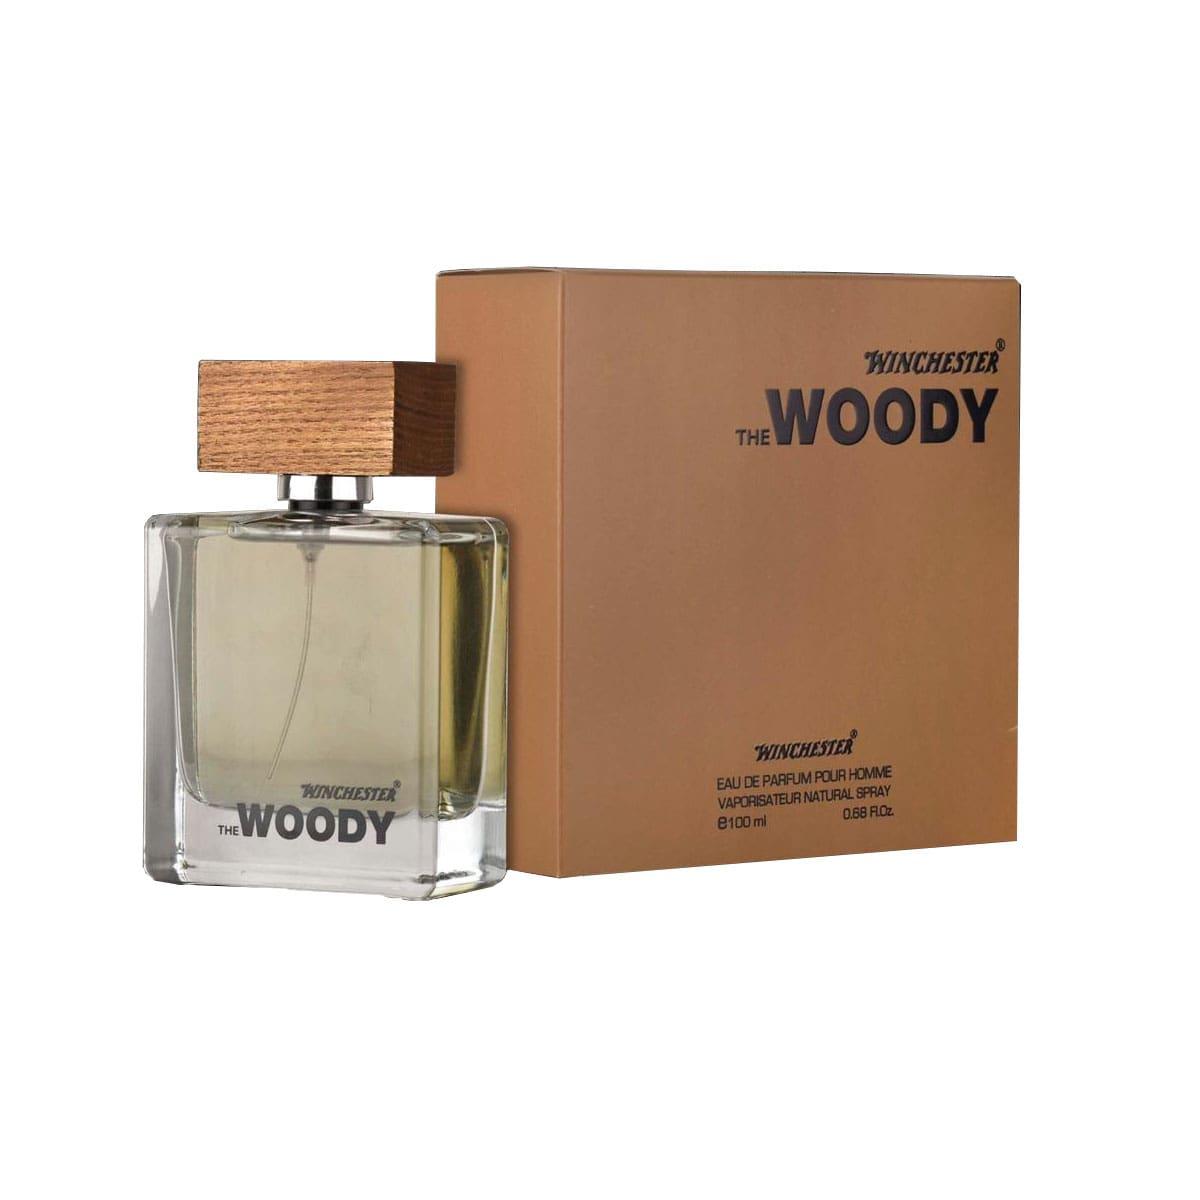 ادکلن وینچستر woody